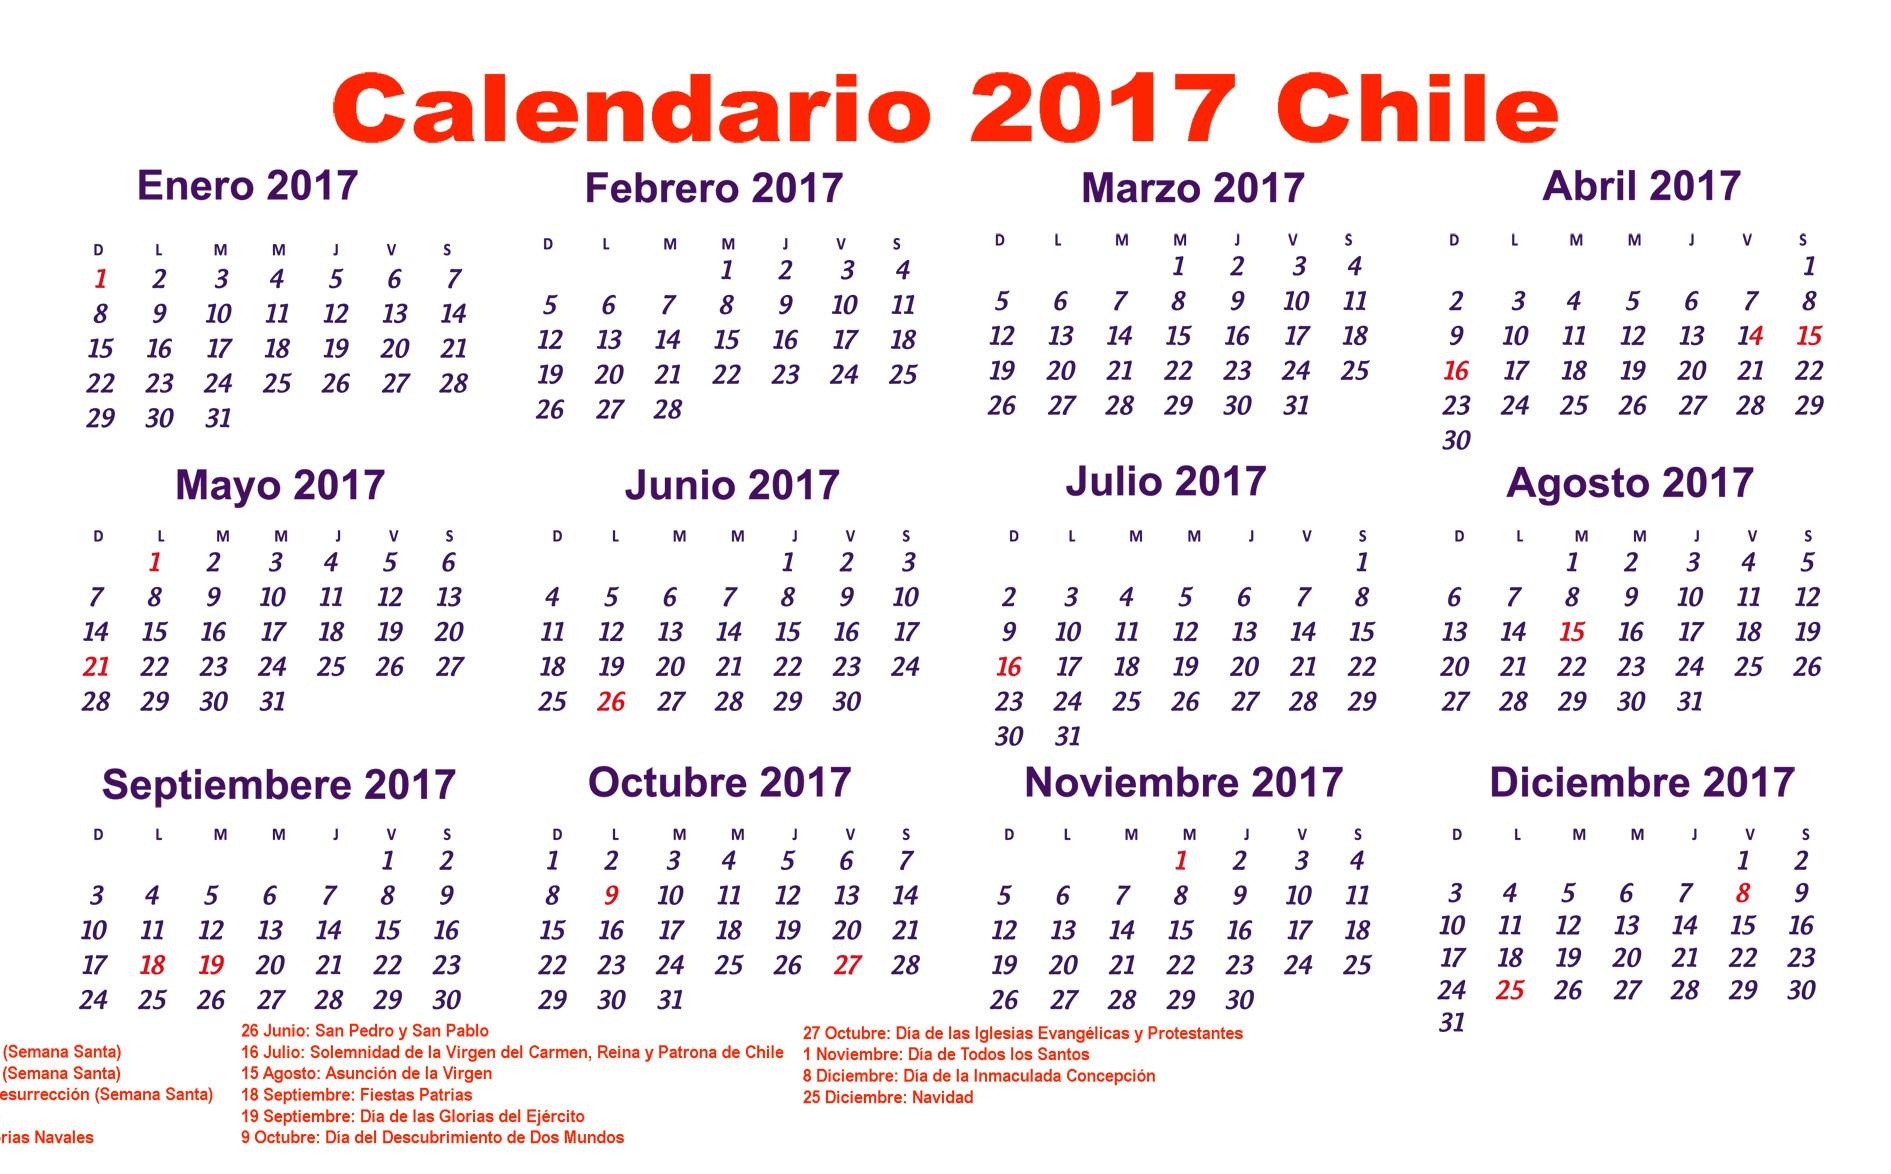 Calendario Para Imprimir Noviembre 2017 Chile Más Recientes Imprimir Calendario Cheap Calendario Noviembre Calendario Anual Of Calendario Para Imprimir Noviembre 2017 Chile Más Recientes Imprimir Calendario Mes A Mes top Calendario Para Imprimir top